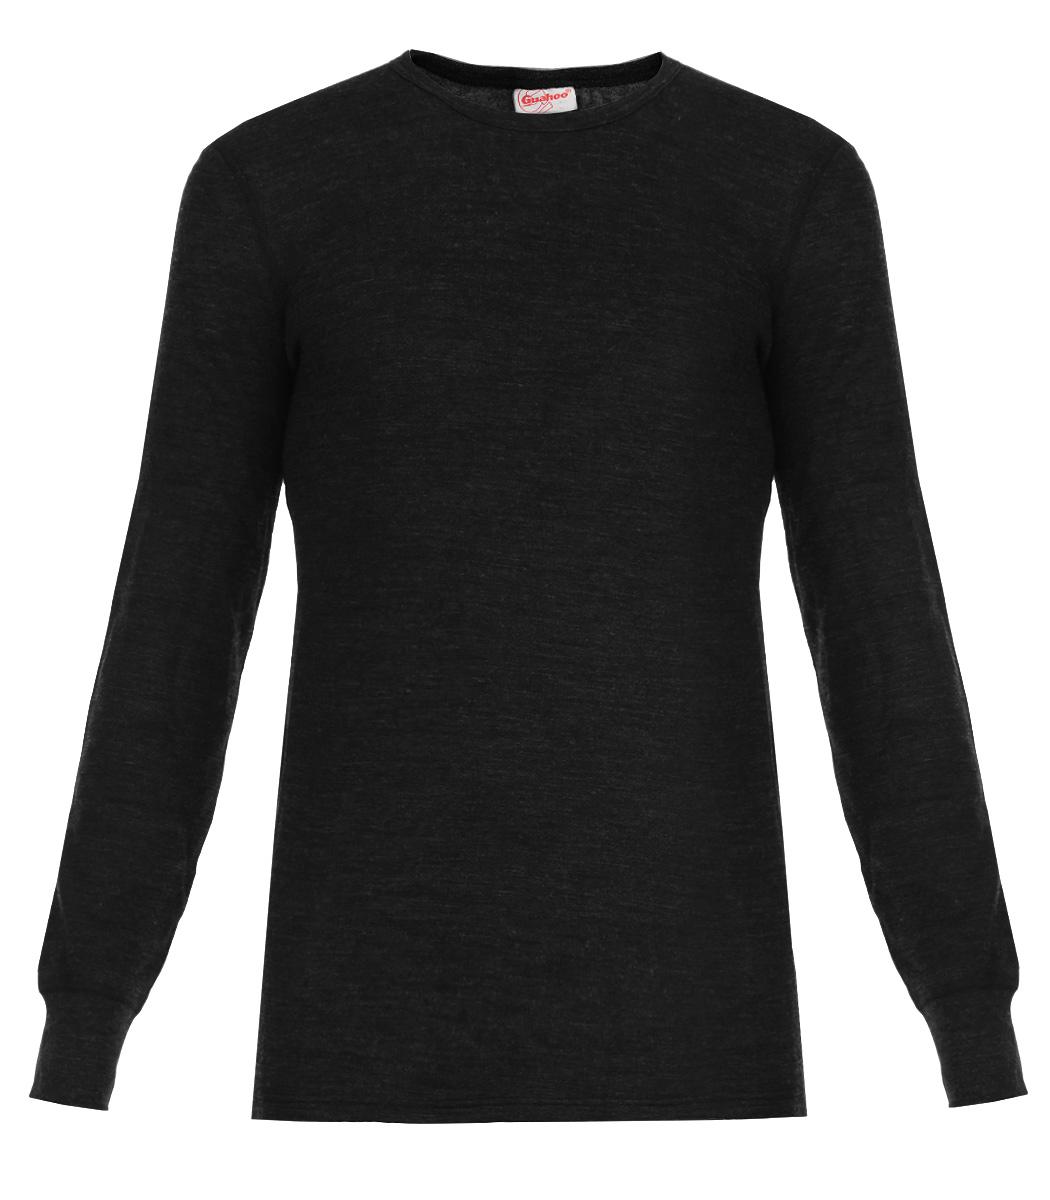 Термобелье футболка с длинным рукавом мужская Guahoo Everyday, цвет: черный. 21-0460-S. Размер XL (54)21-0460-SДвухслойная мужская футболка с длинным рукавом Guahoo Everyday подходит для повседневной носки в холодную погоду. Идеальное сочетание различных видов пряжи с добавлением натуральной шерсти во внешнем слое, а также специальное плетение обеспечивают эффективное сохранение тепла. Внутренний слой полотна - из мягкой акриловой пряжи, которая по своим теплосберегающим свойствам не уступает шерсти. Начес на внутренней стороне полотна лучше сохраняет тепло за счет дополнительной воздушной прослойки.Футболка с длинными рукавами и круглым вырезом горловины оформлена небольшой нашивкой с названием бренда. Рукава дополнены широкими трикотажными манжетами.Рекомендуемый температурный режим от -20°С до -40°С.